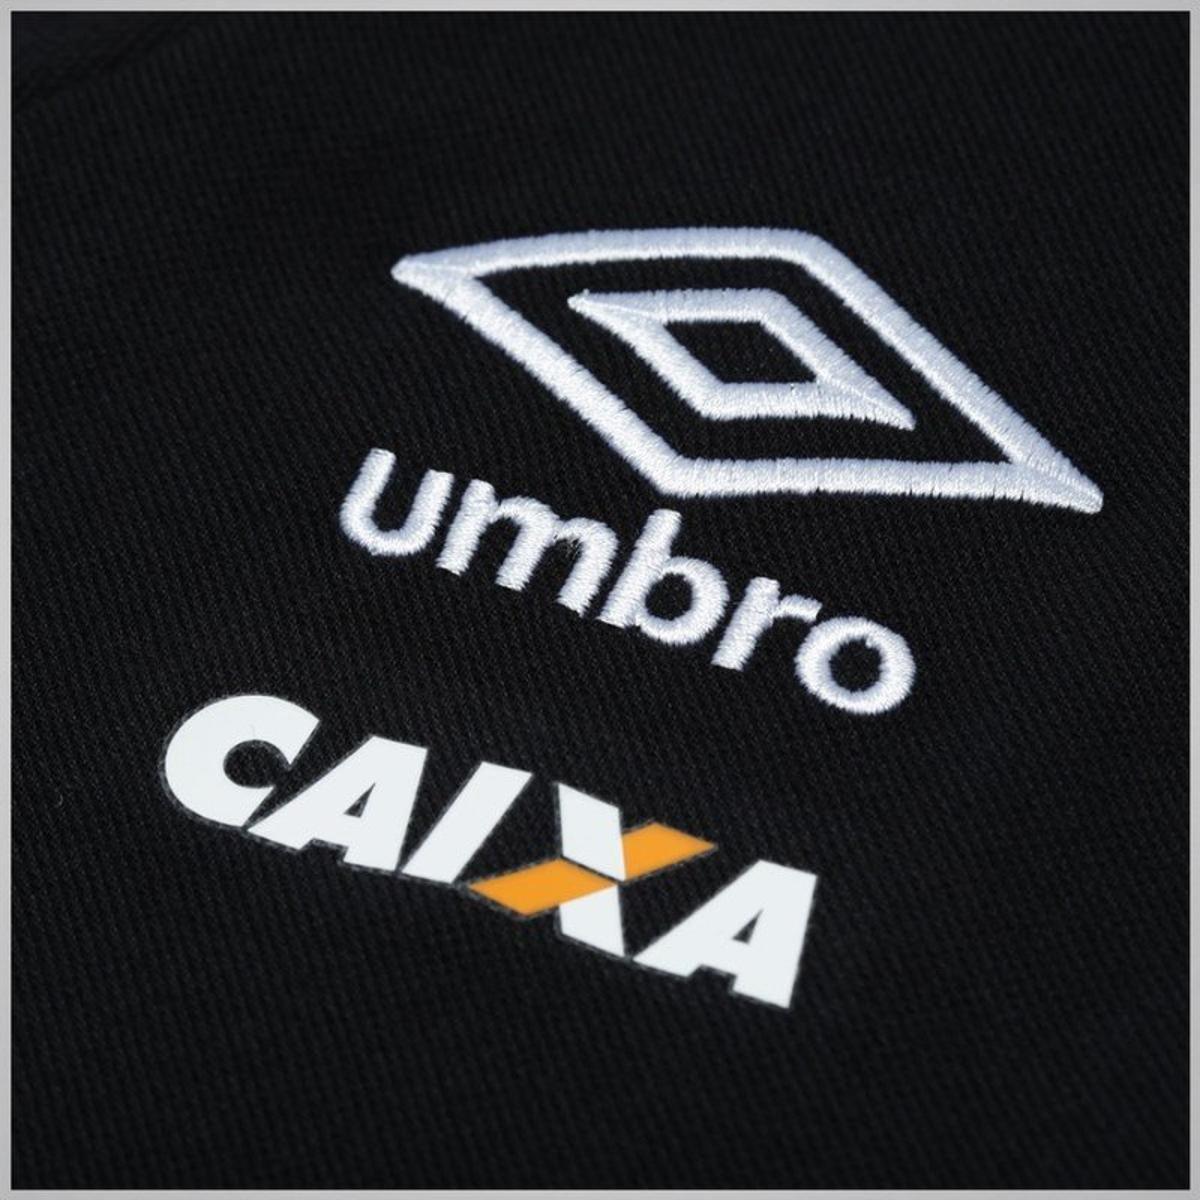 6b24641e66 Camisa Polo Umbro Vasco Viagem - Compre Agora